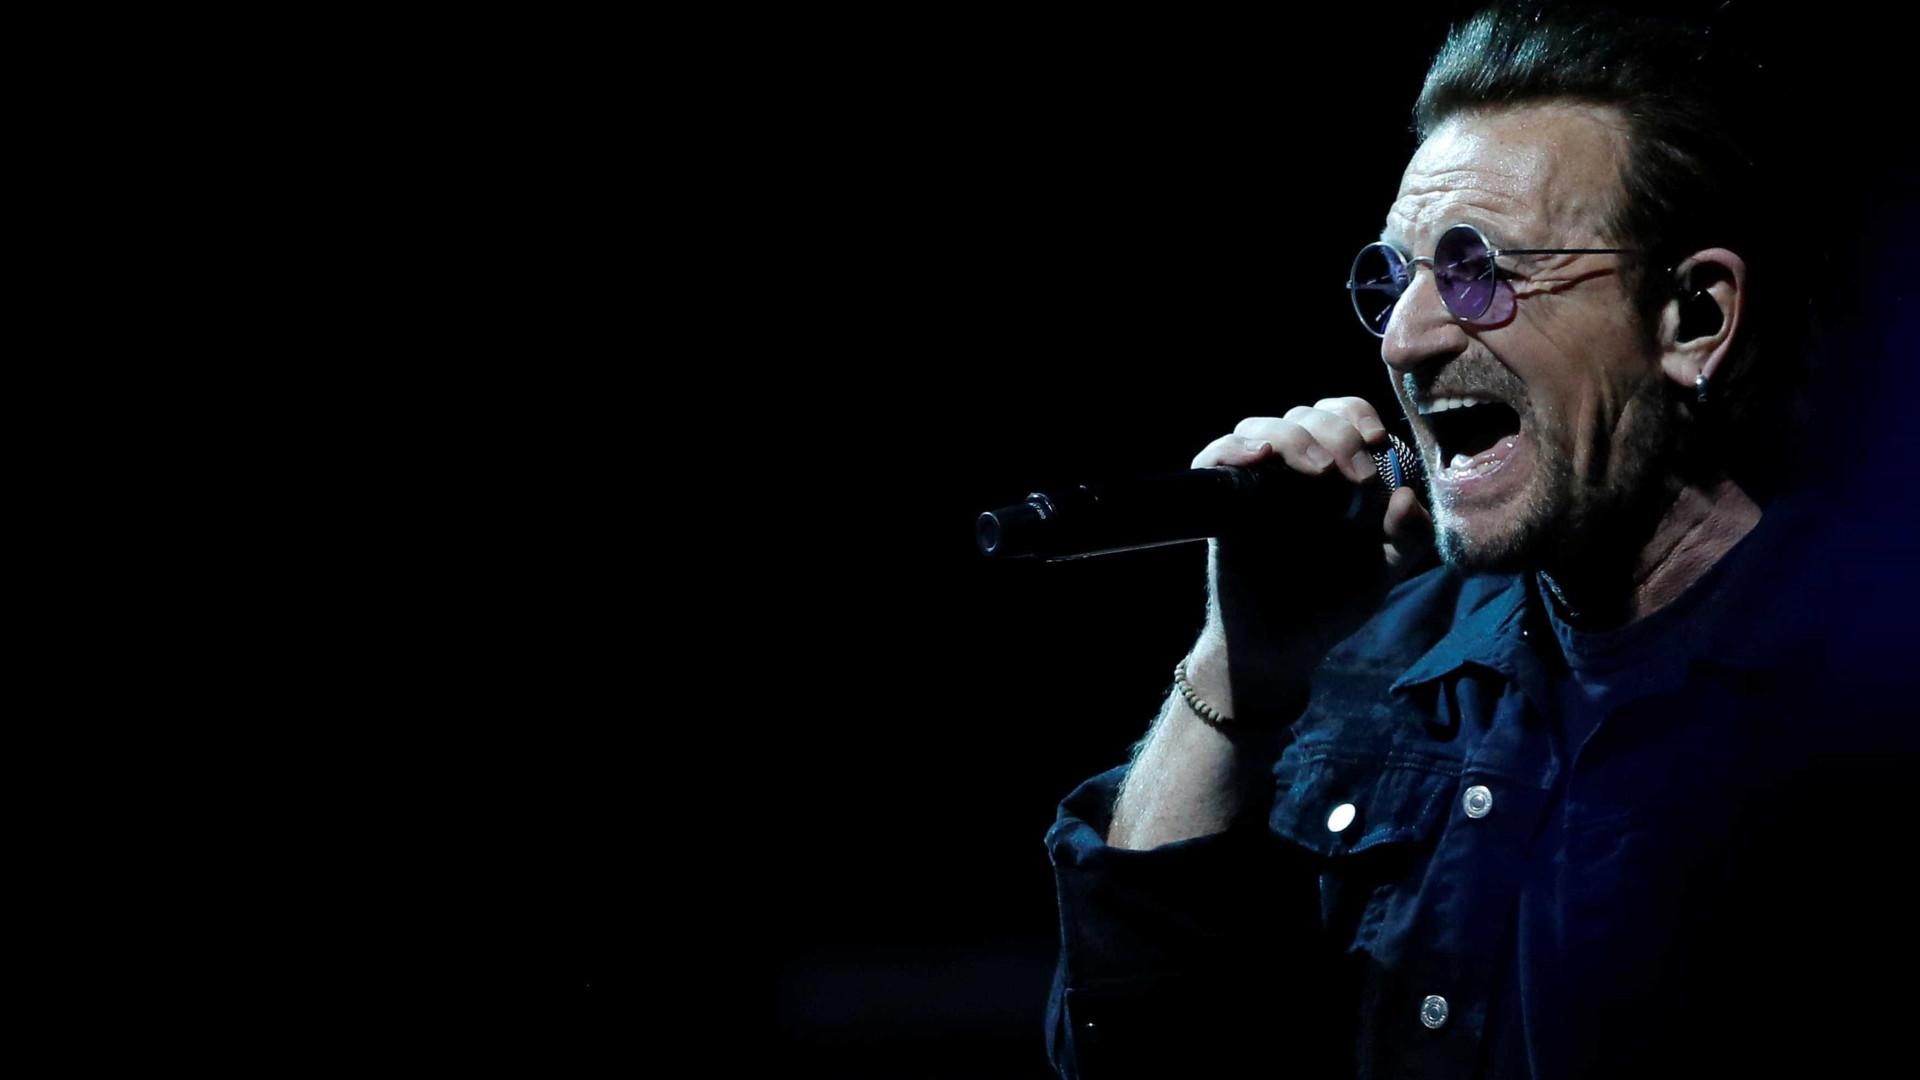 Bono cancela show do U2 em Berlim após 'perda total de voz'